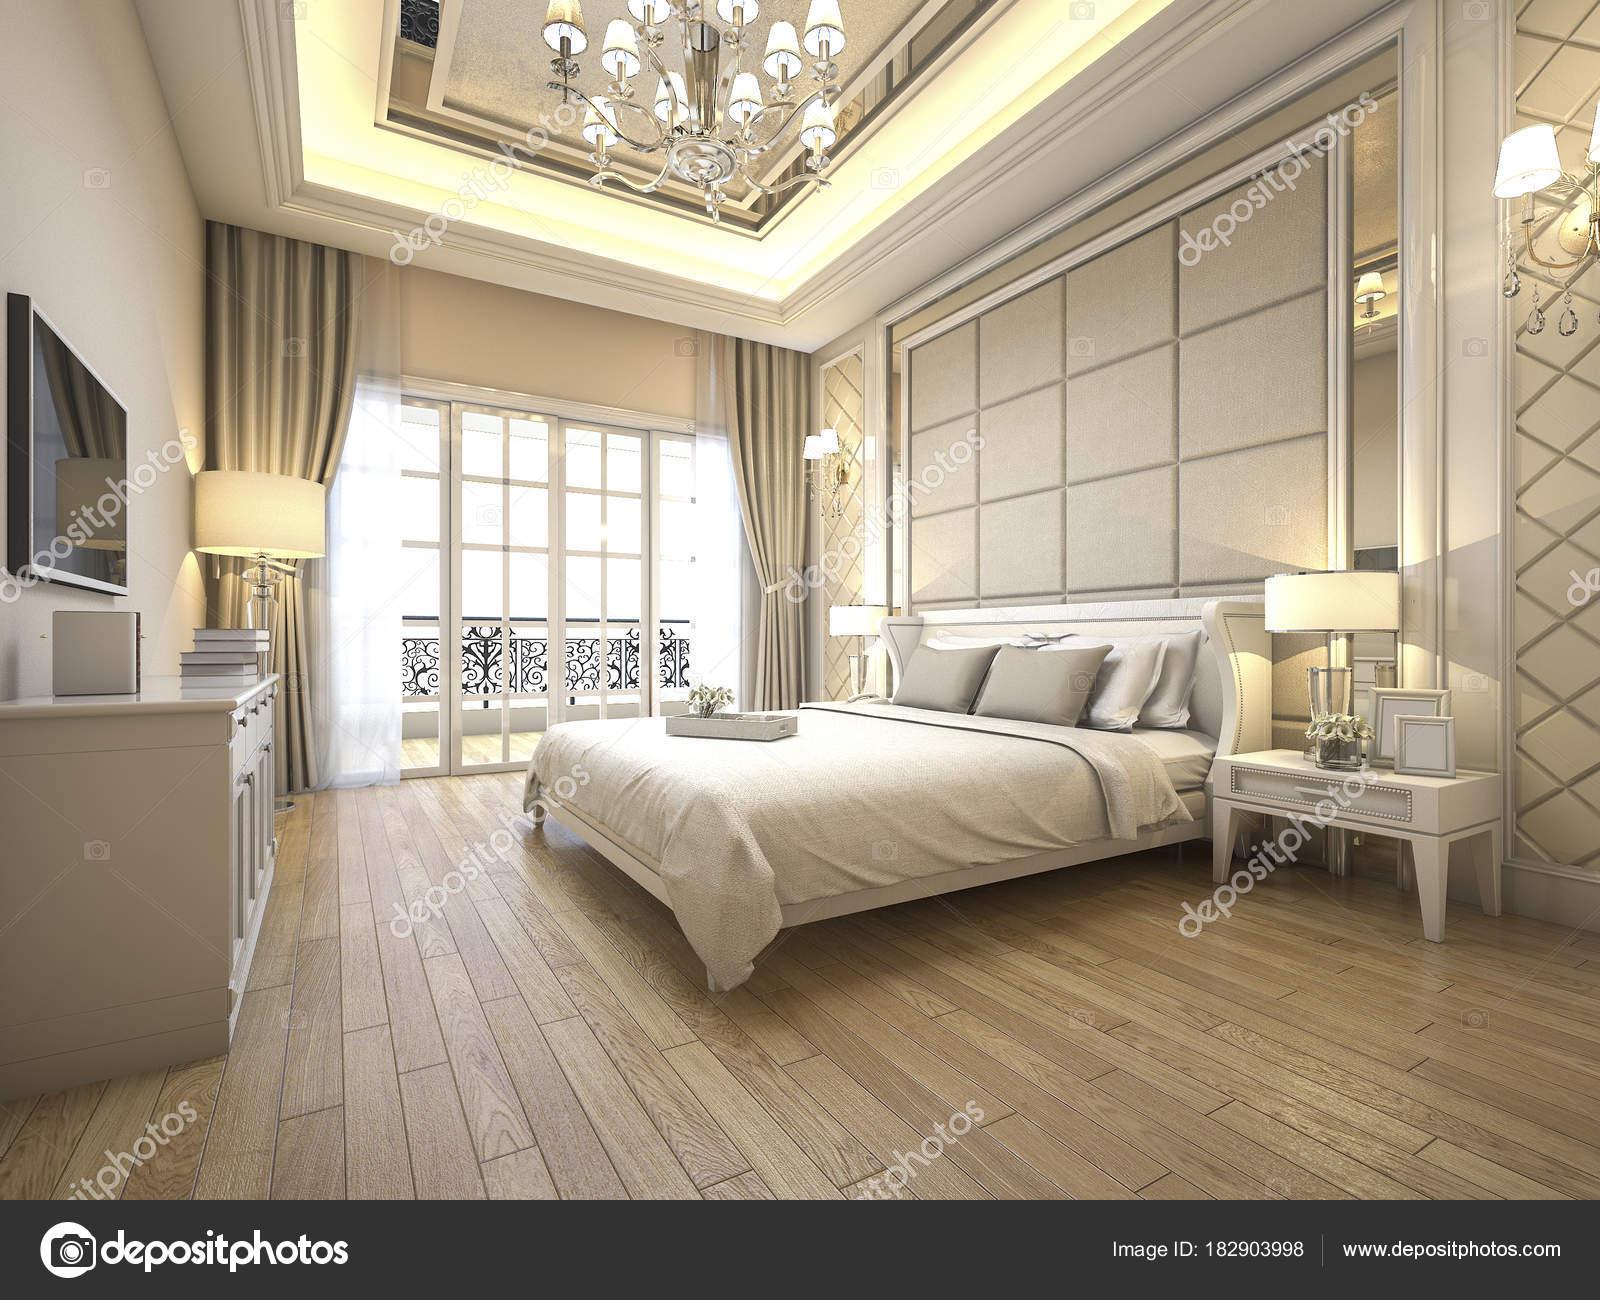 Rendu Moderne Classique Chambre Luxe Avec Dcor Marbre  Photographie dit26978  182903998